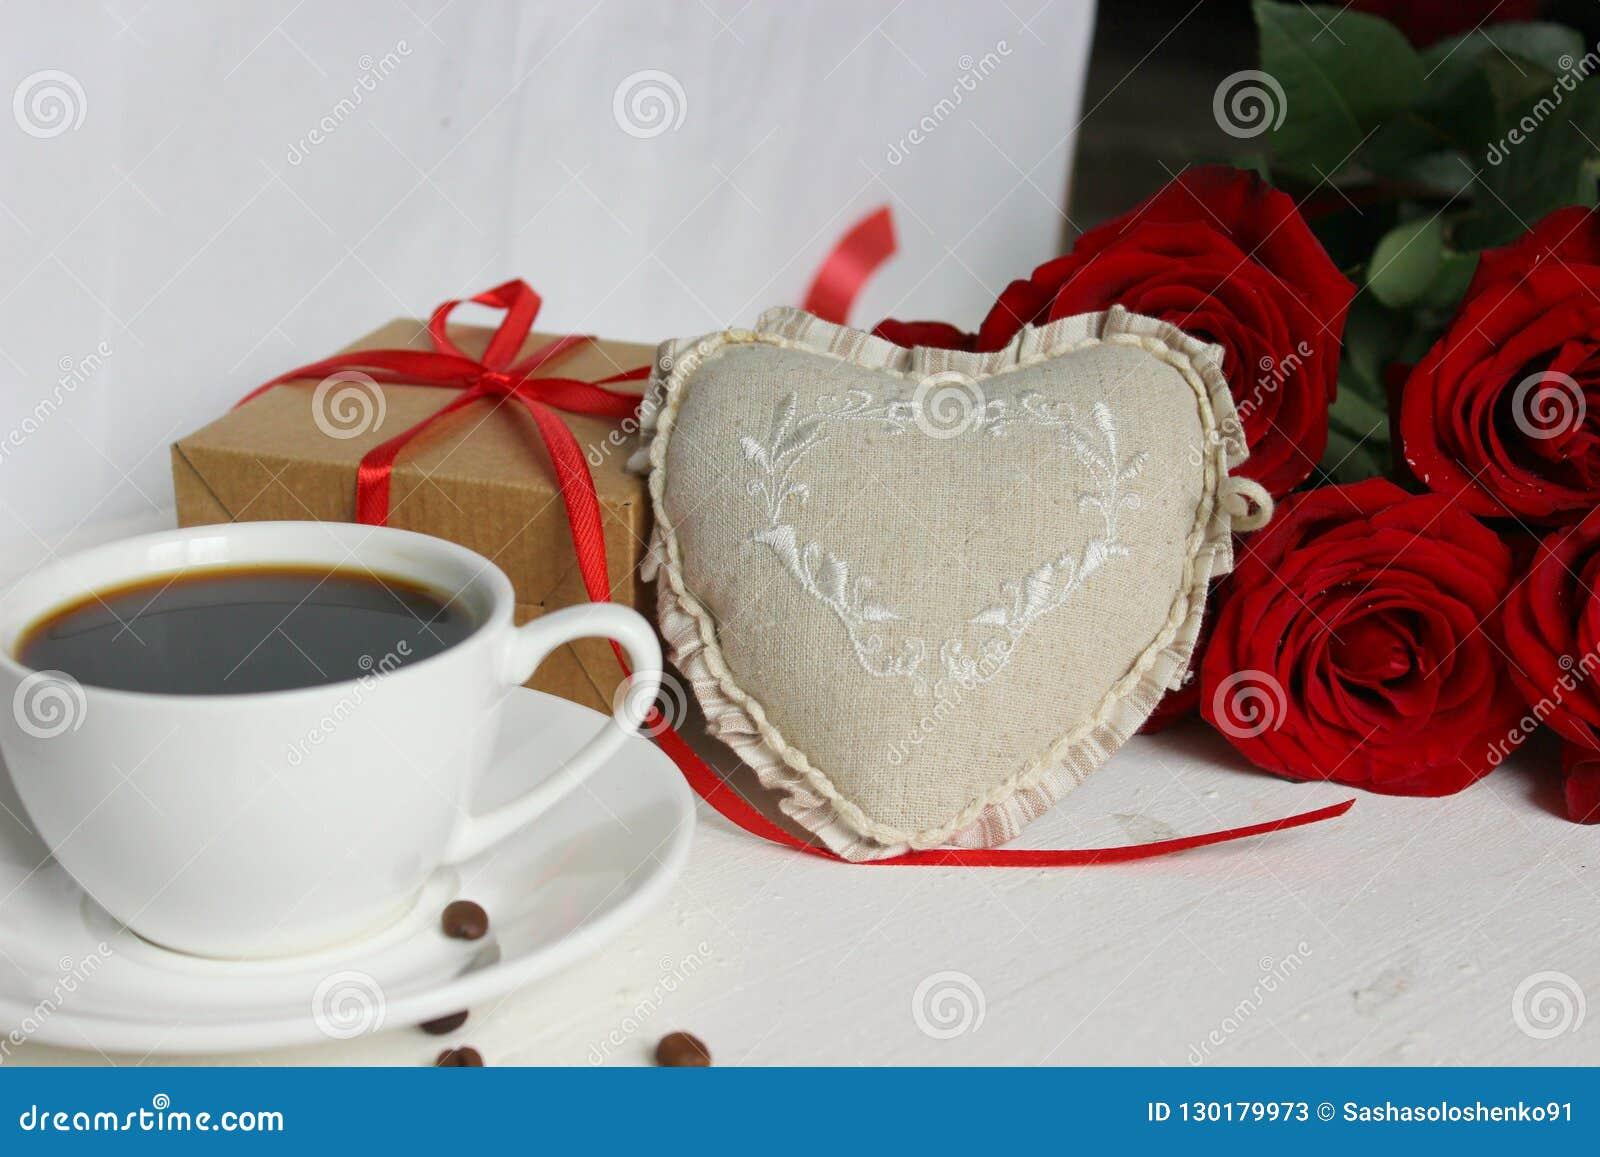 Een Kop van koffie, een boeket van rode rozen en een gift met een rood lint op het lijstclose-up